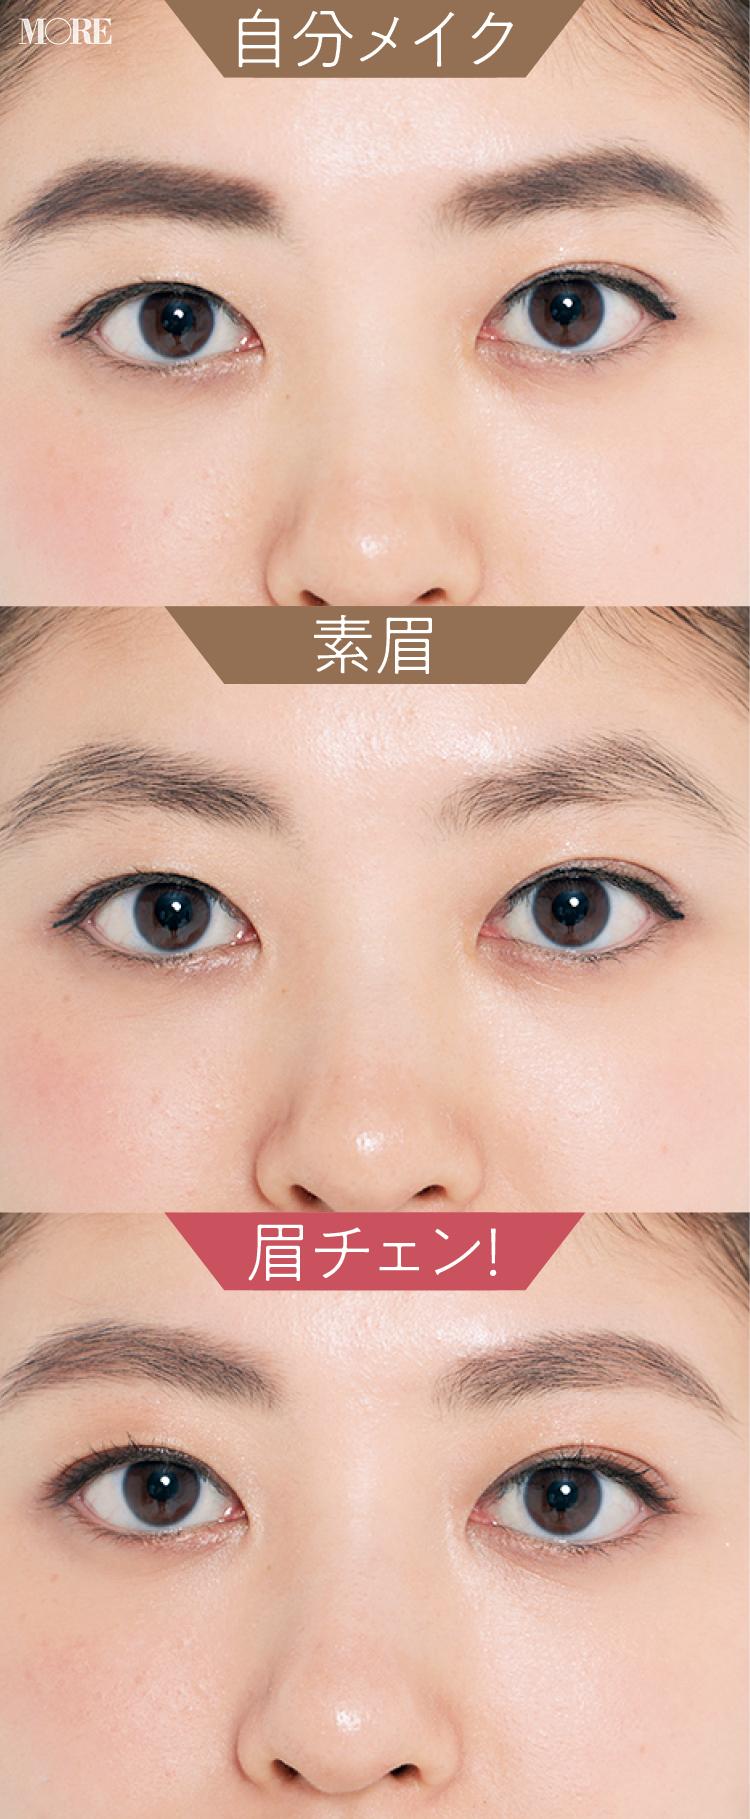 眉毛の整え方特集 -【世界一正しい眉のお手入れ法】など、眉迷子のための眉メイクの基本まとめ_71